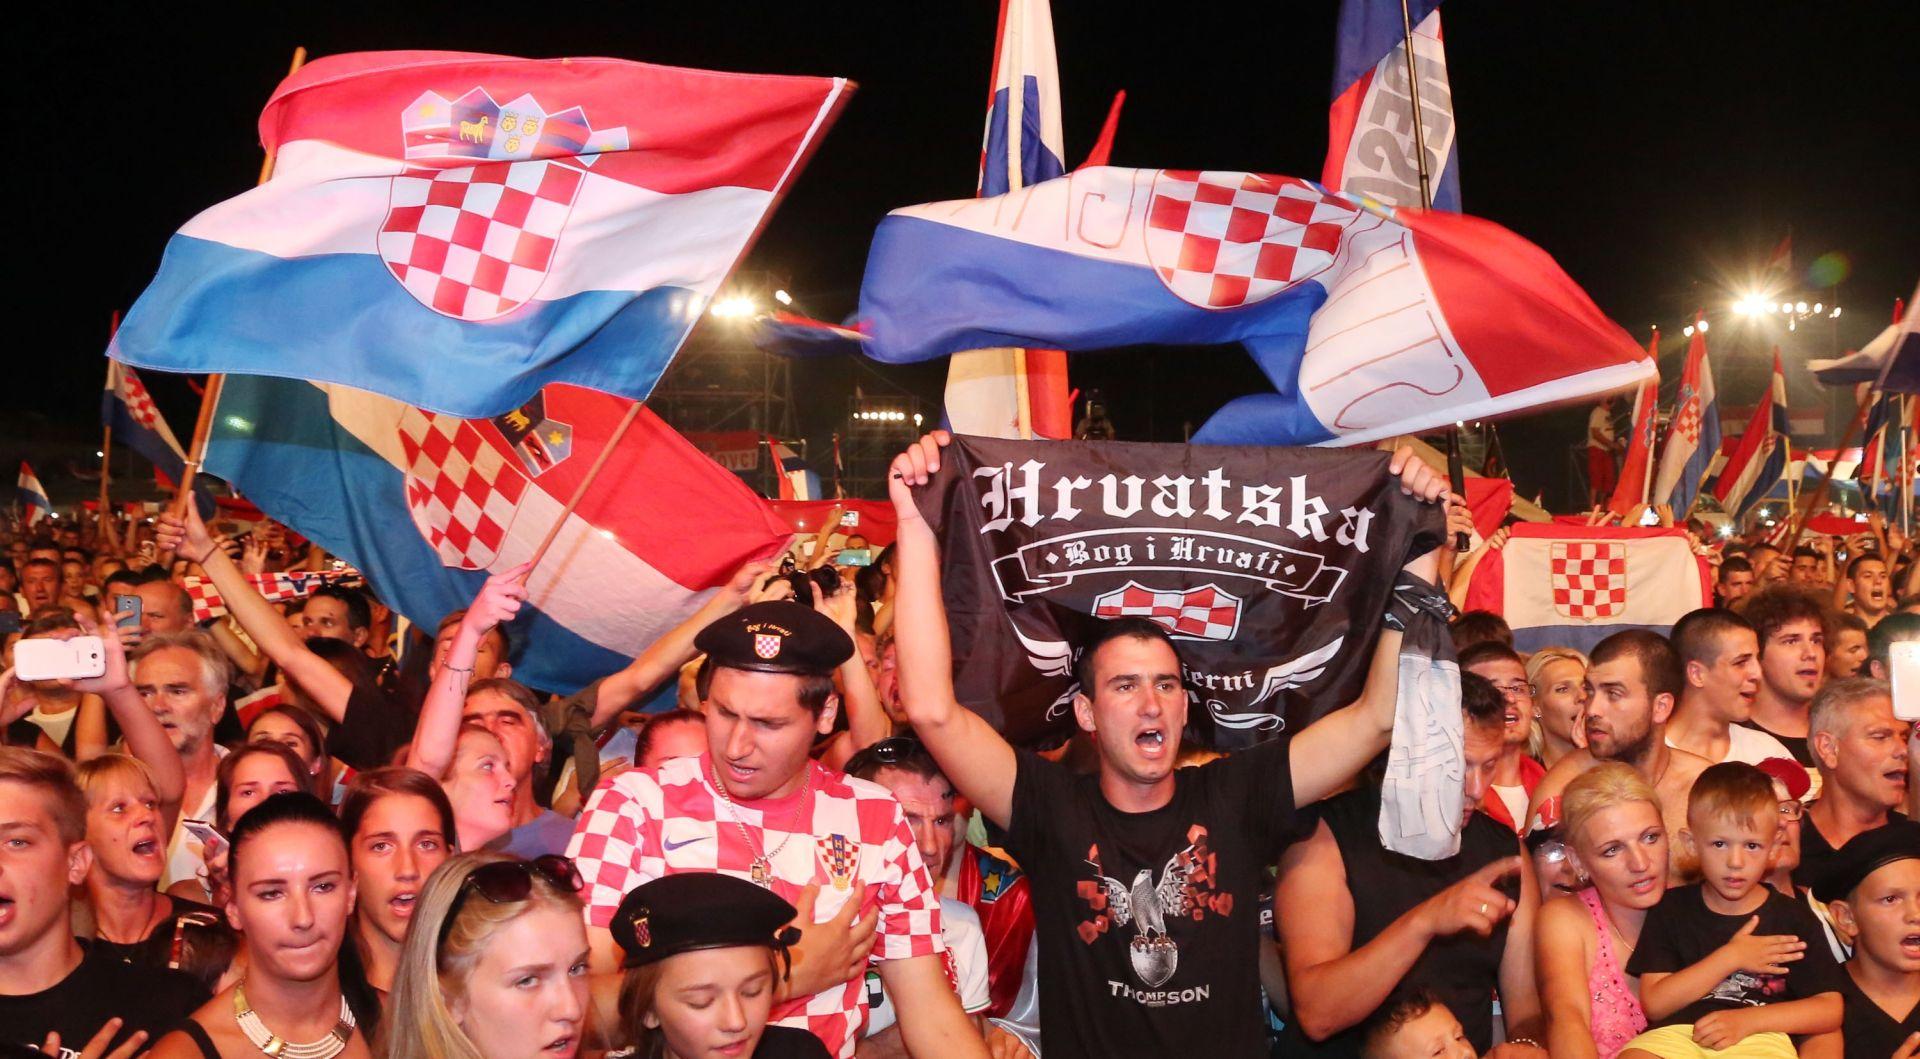 Srbija prosvjeduje Hrvatskoj zbog navodnog govora mržnje na proslavi Oluje